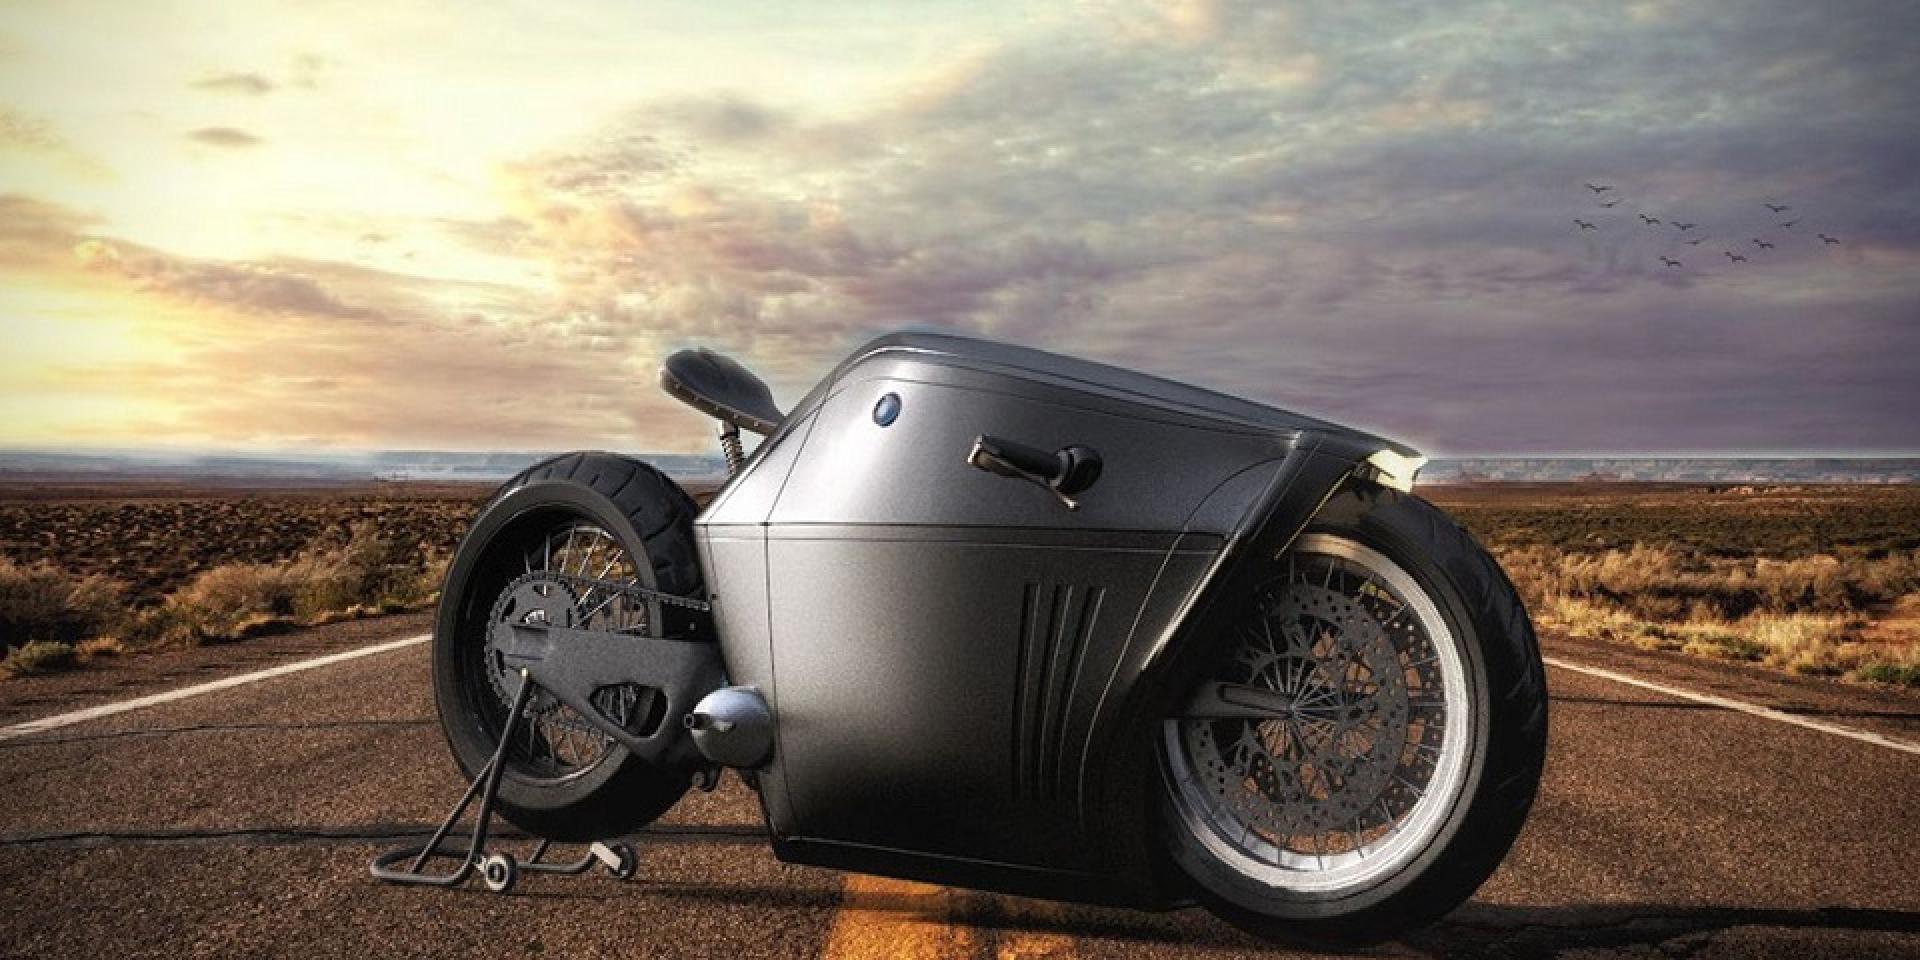 溫故知新的激情 BMW Radical Concept